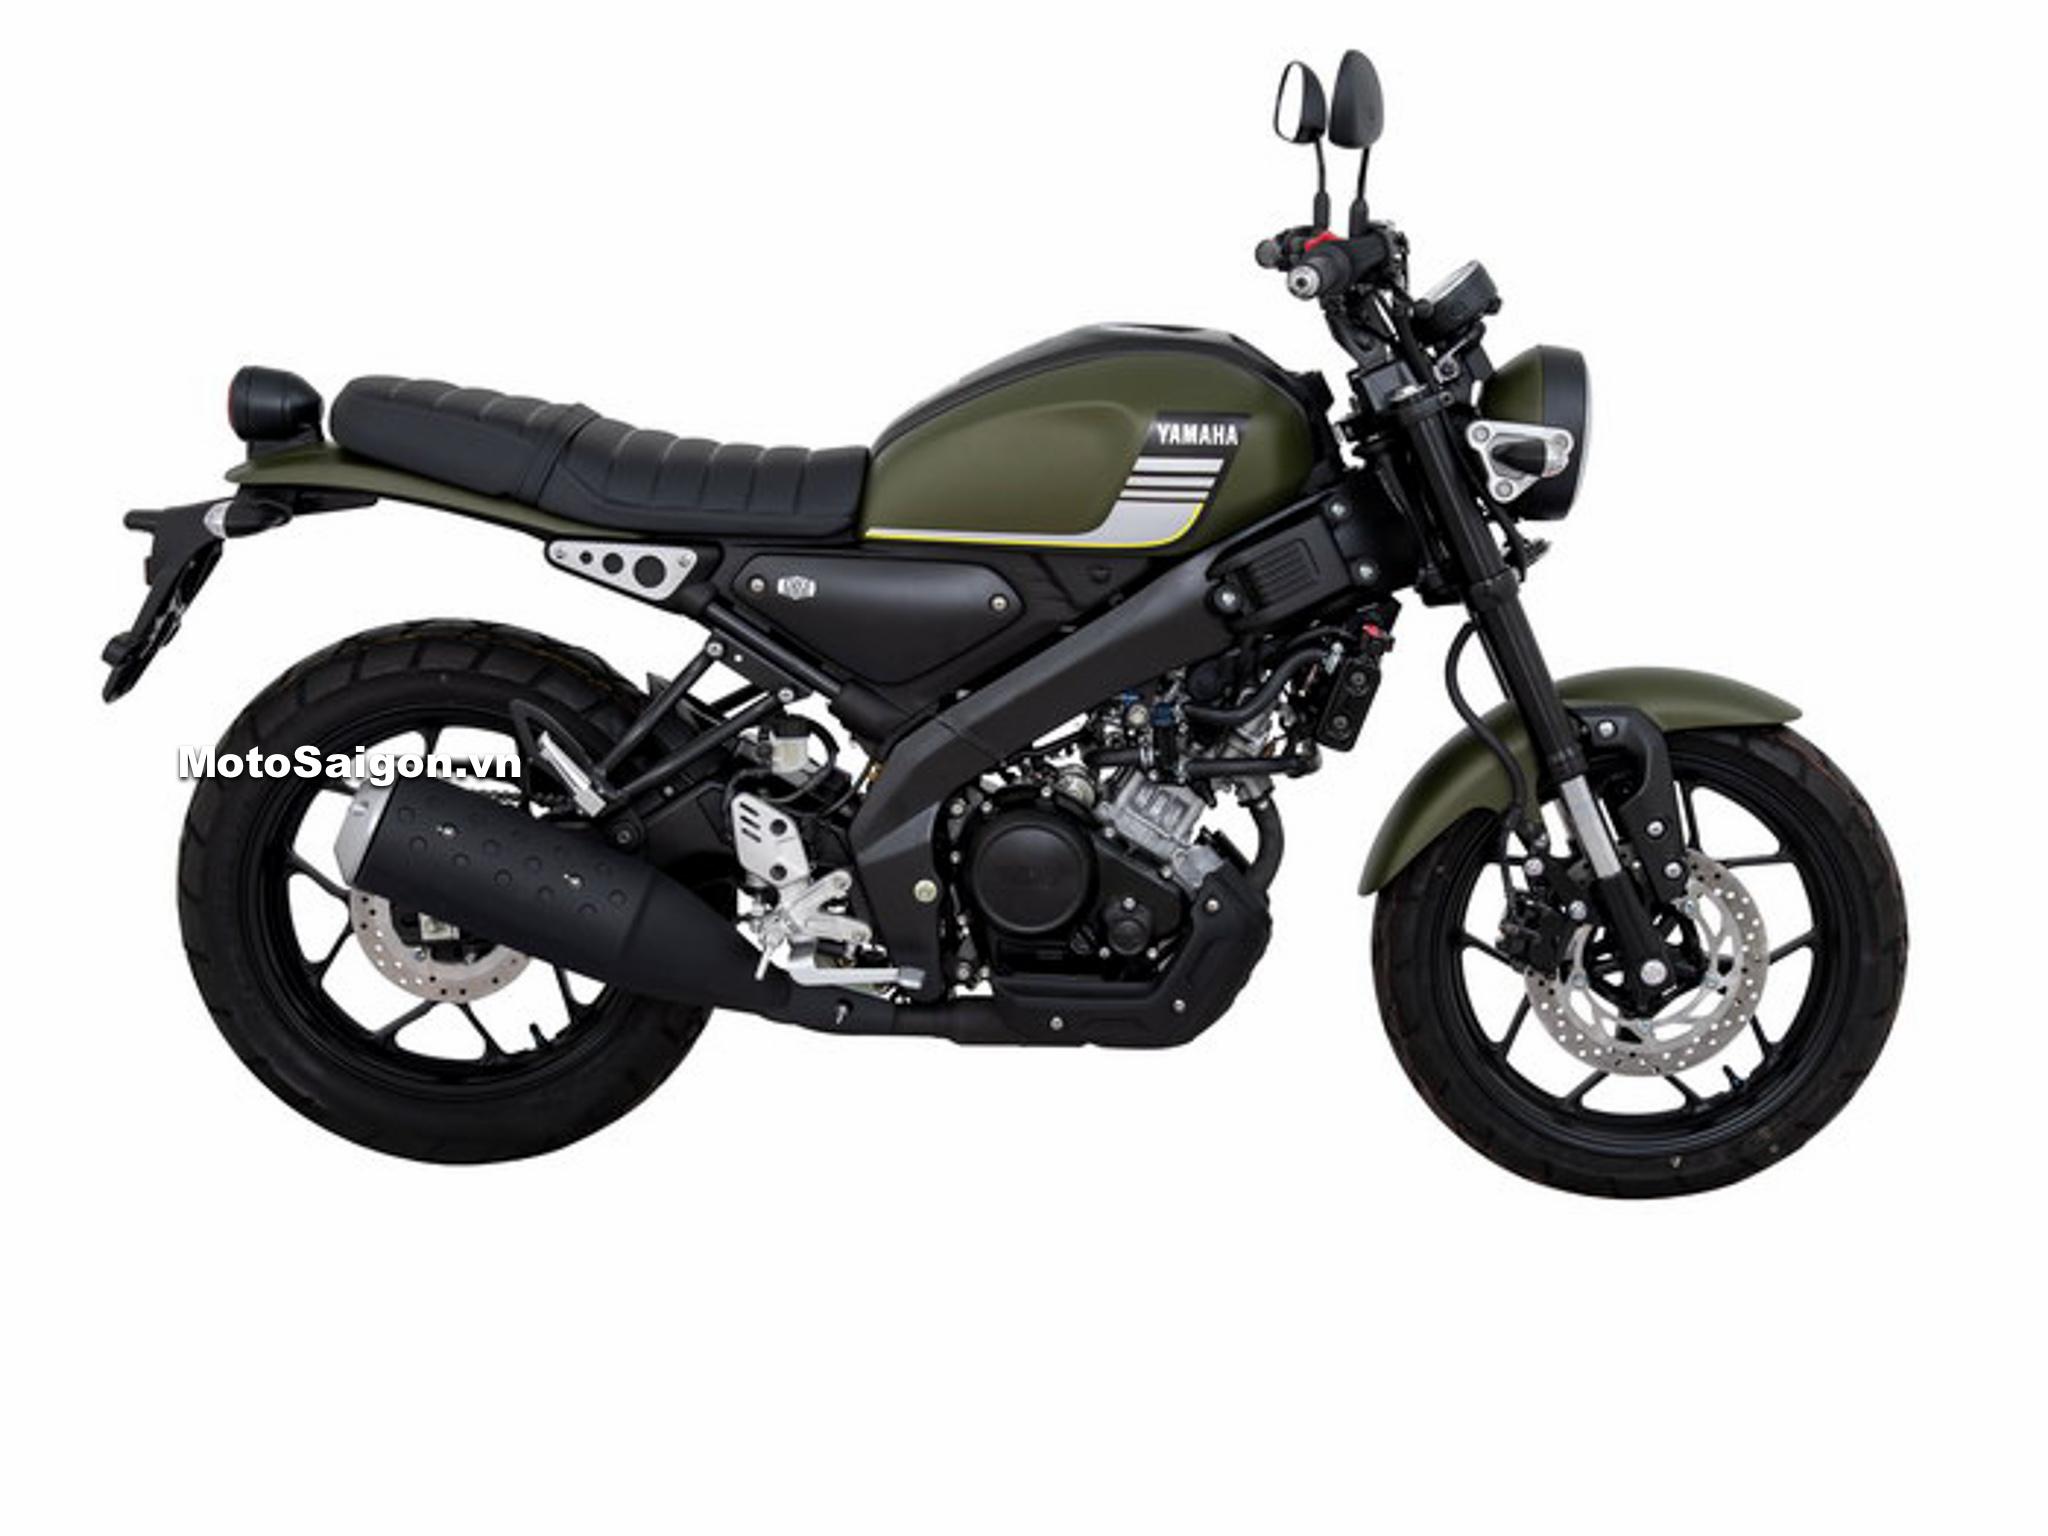 Yamaha XSR155 Elegance màu Xanh đen quân đội Green (Soldier)-Black